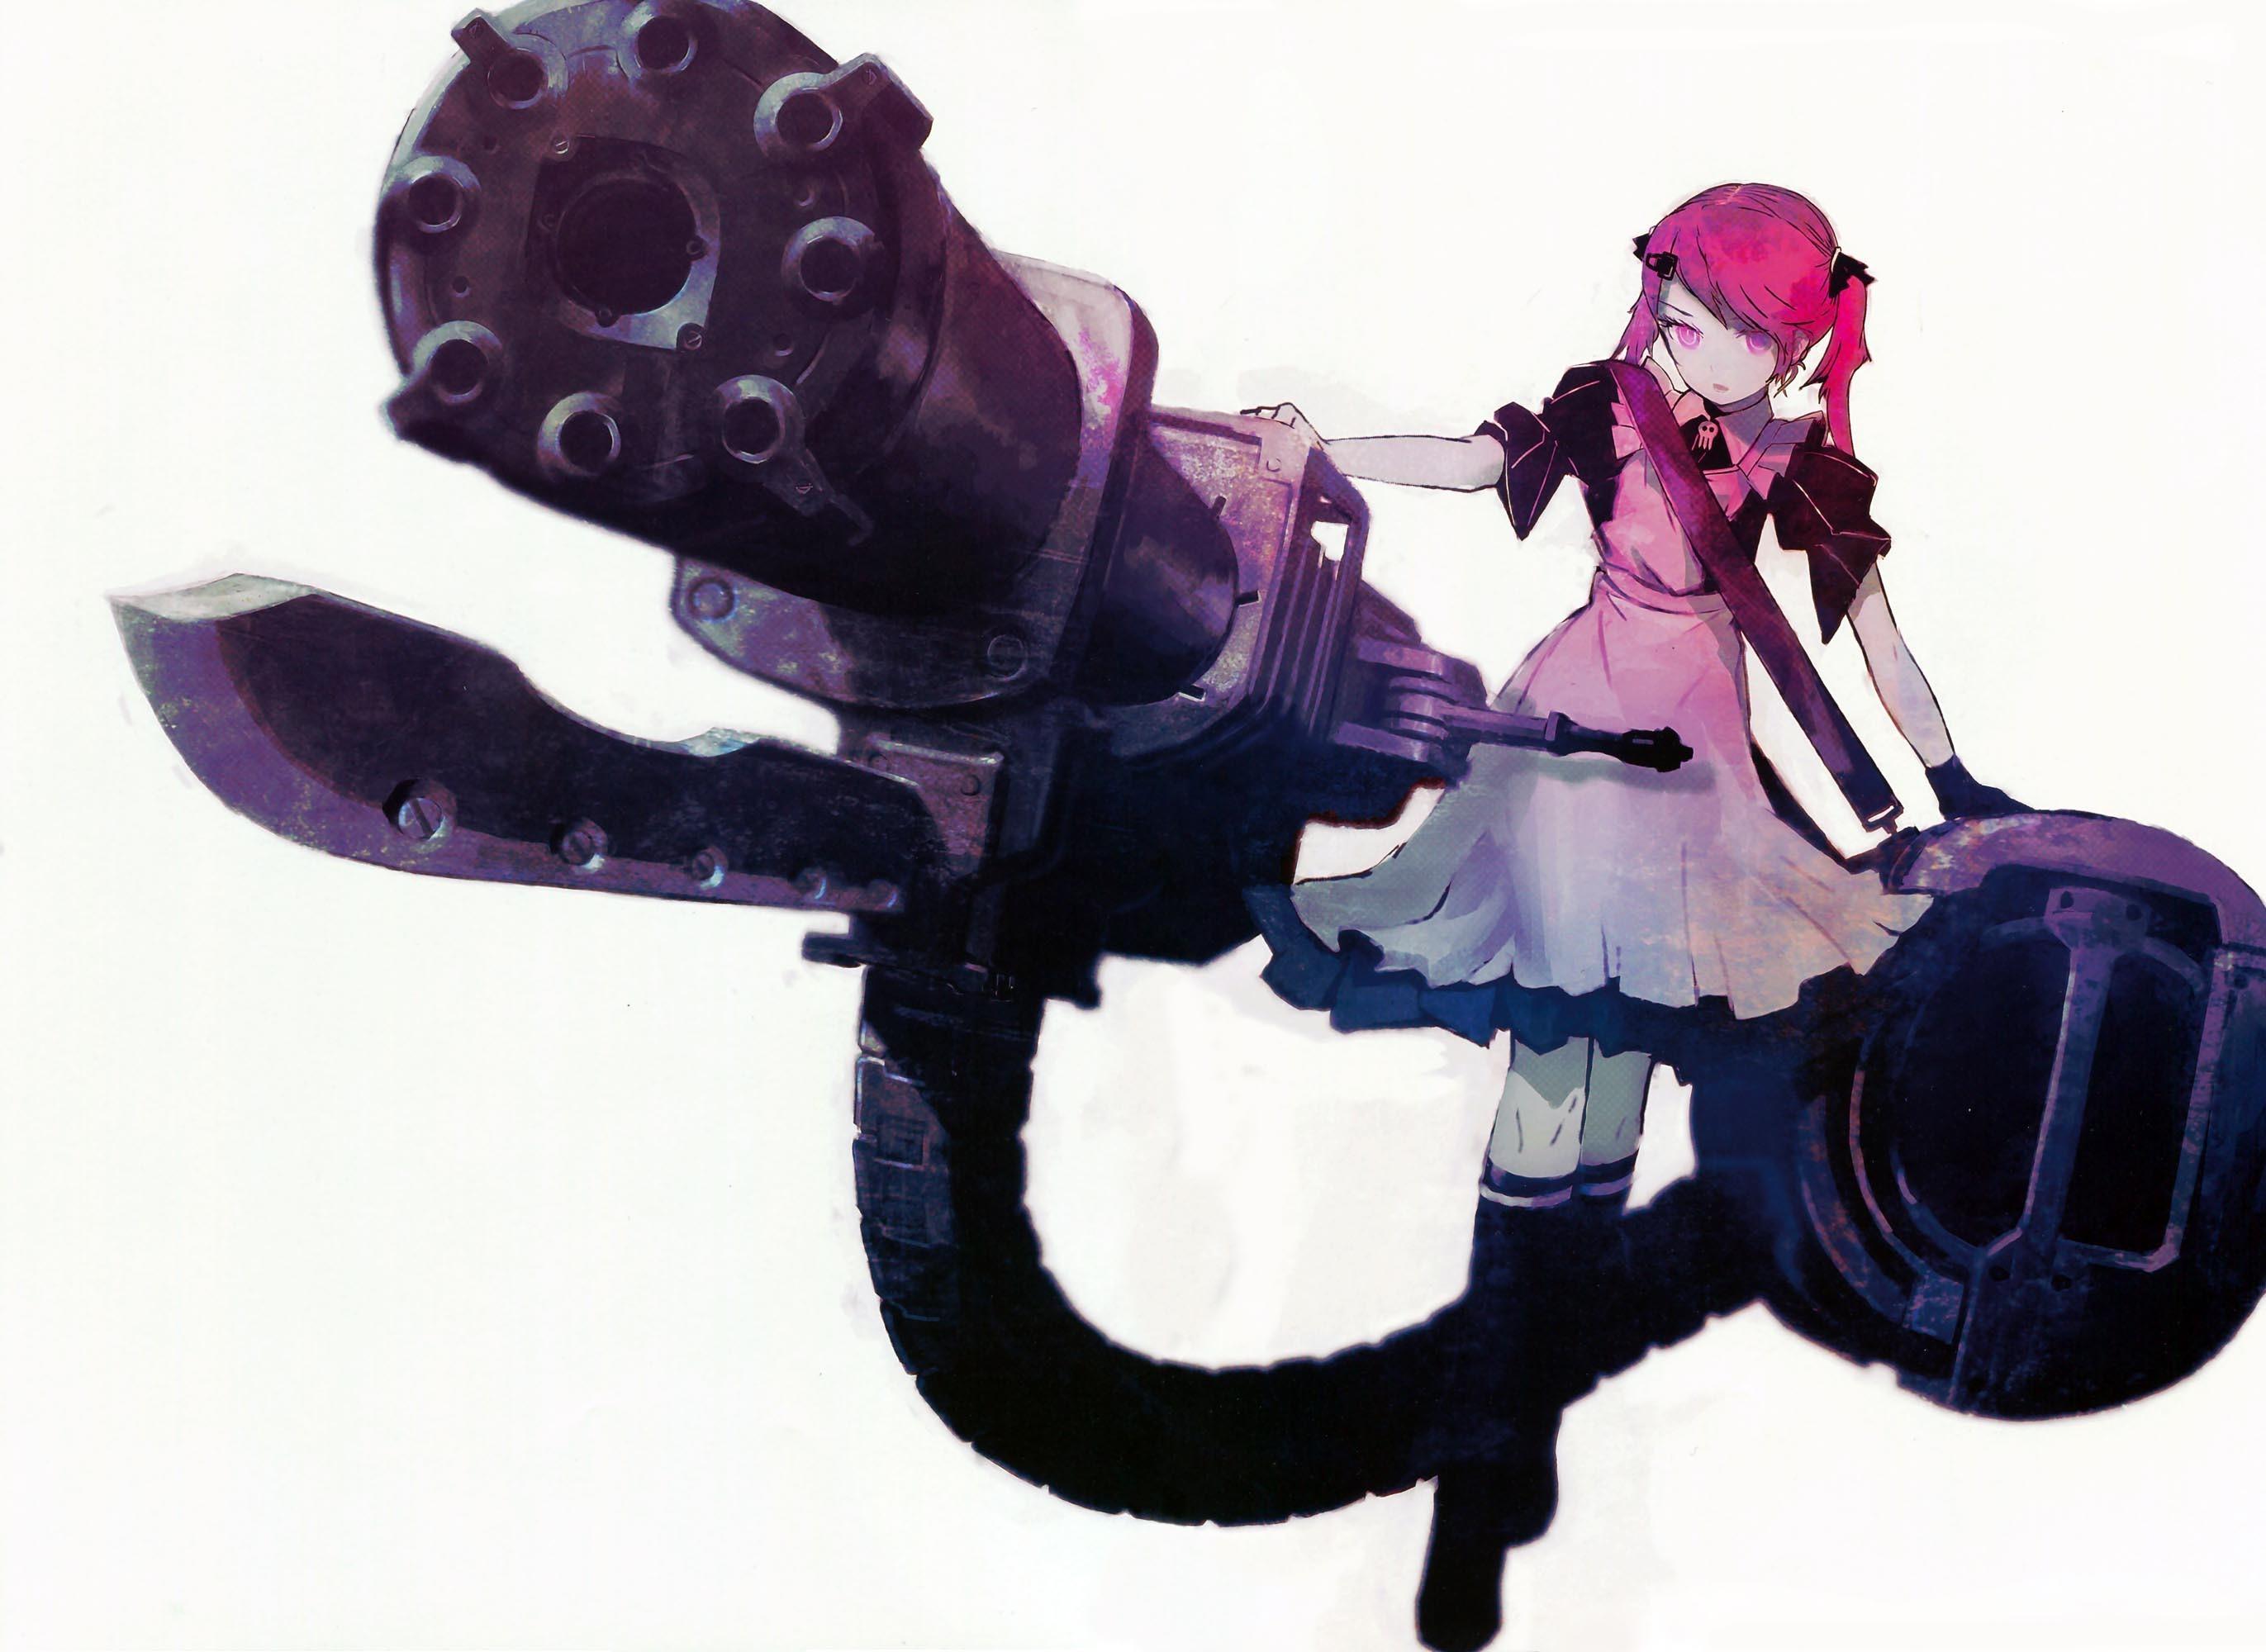 Anime Girl with Gun